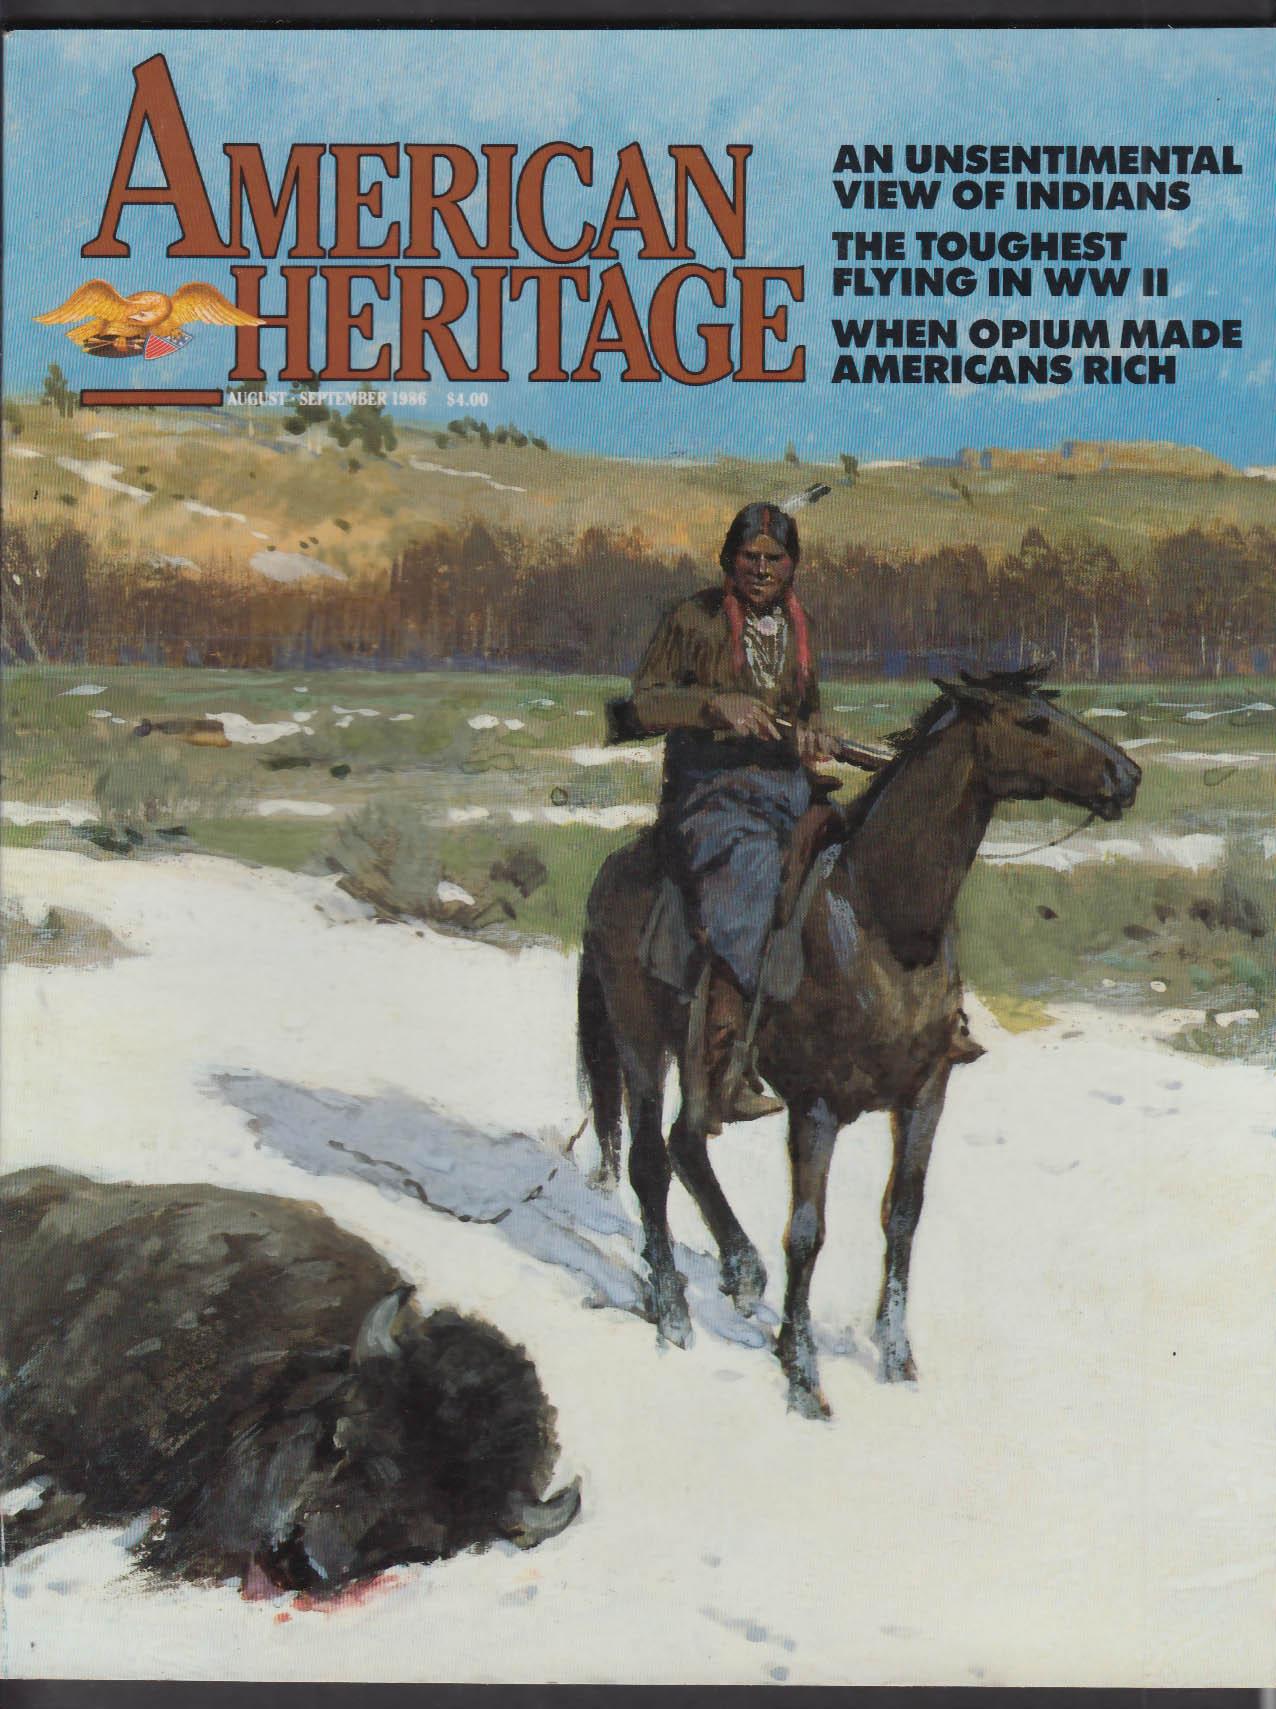 AMERICAN HERITAGE George Hadfield Harvard Depression + 8-9 1986